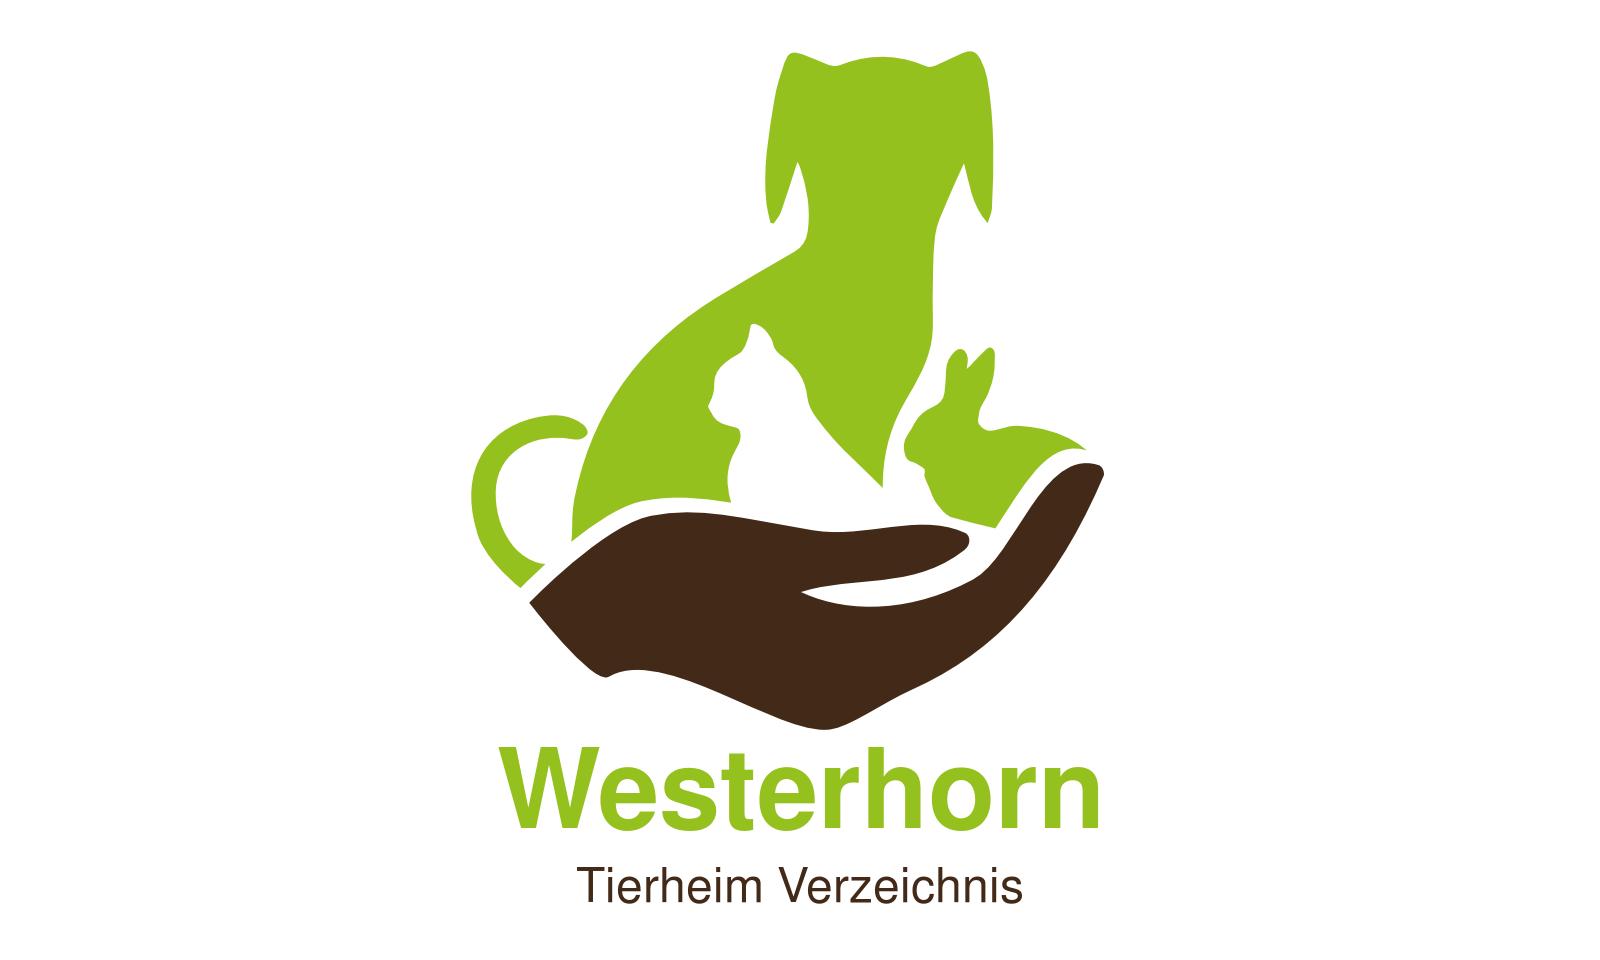 Tierheim Westerhorn